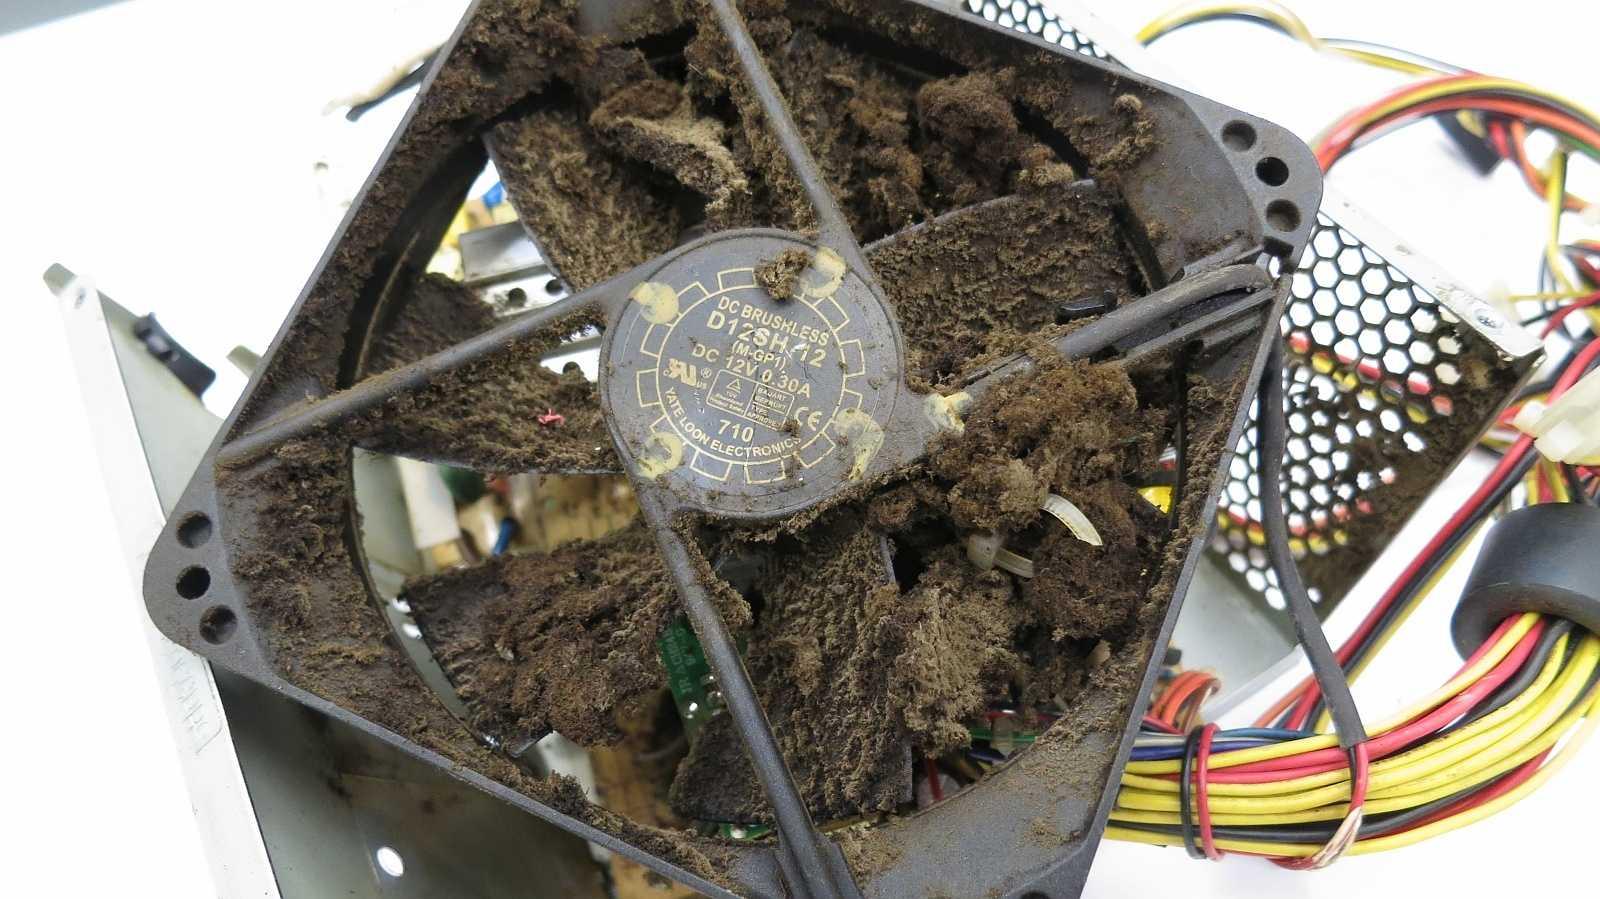 So schmutzig sollte man einen PC nicht werden lassen - aber auch nicht das Netzteil öffnen!